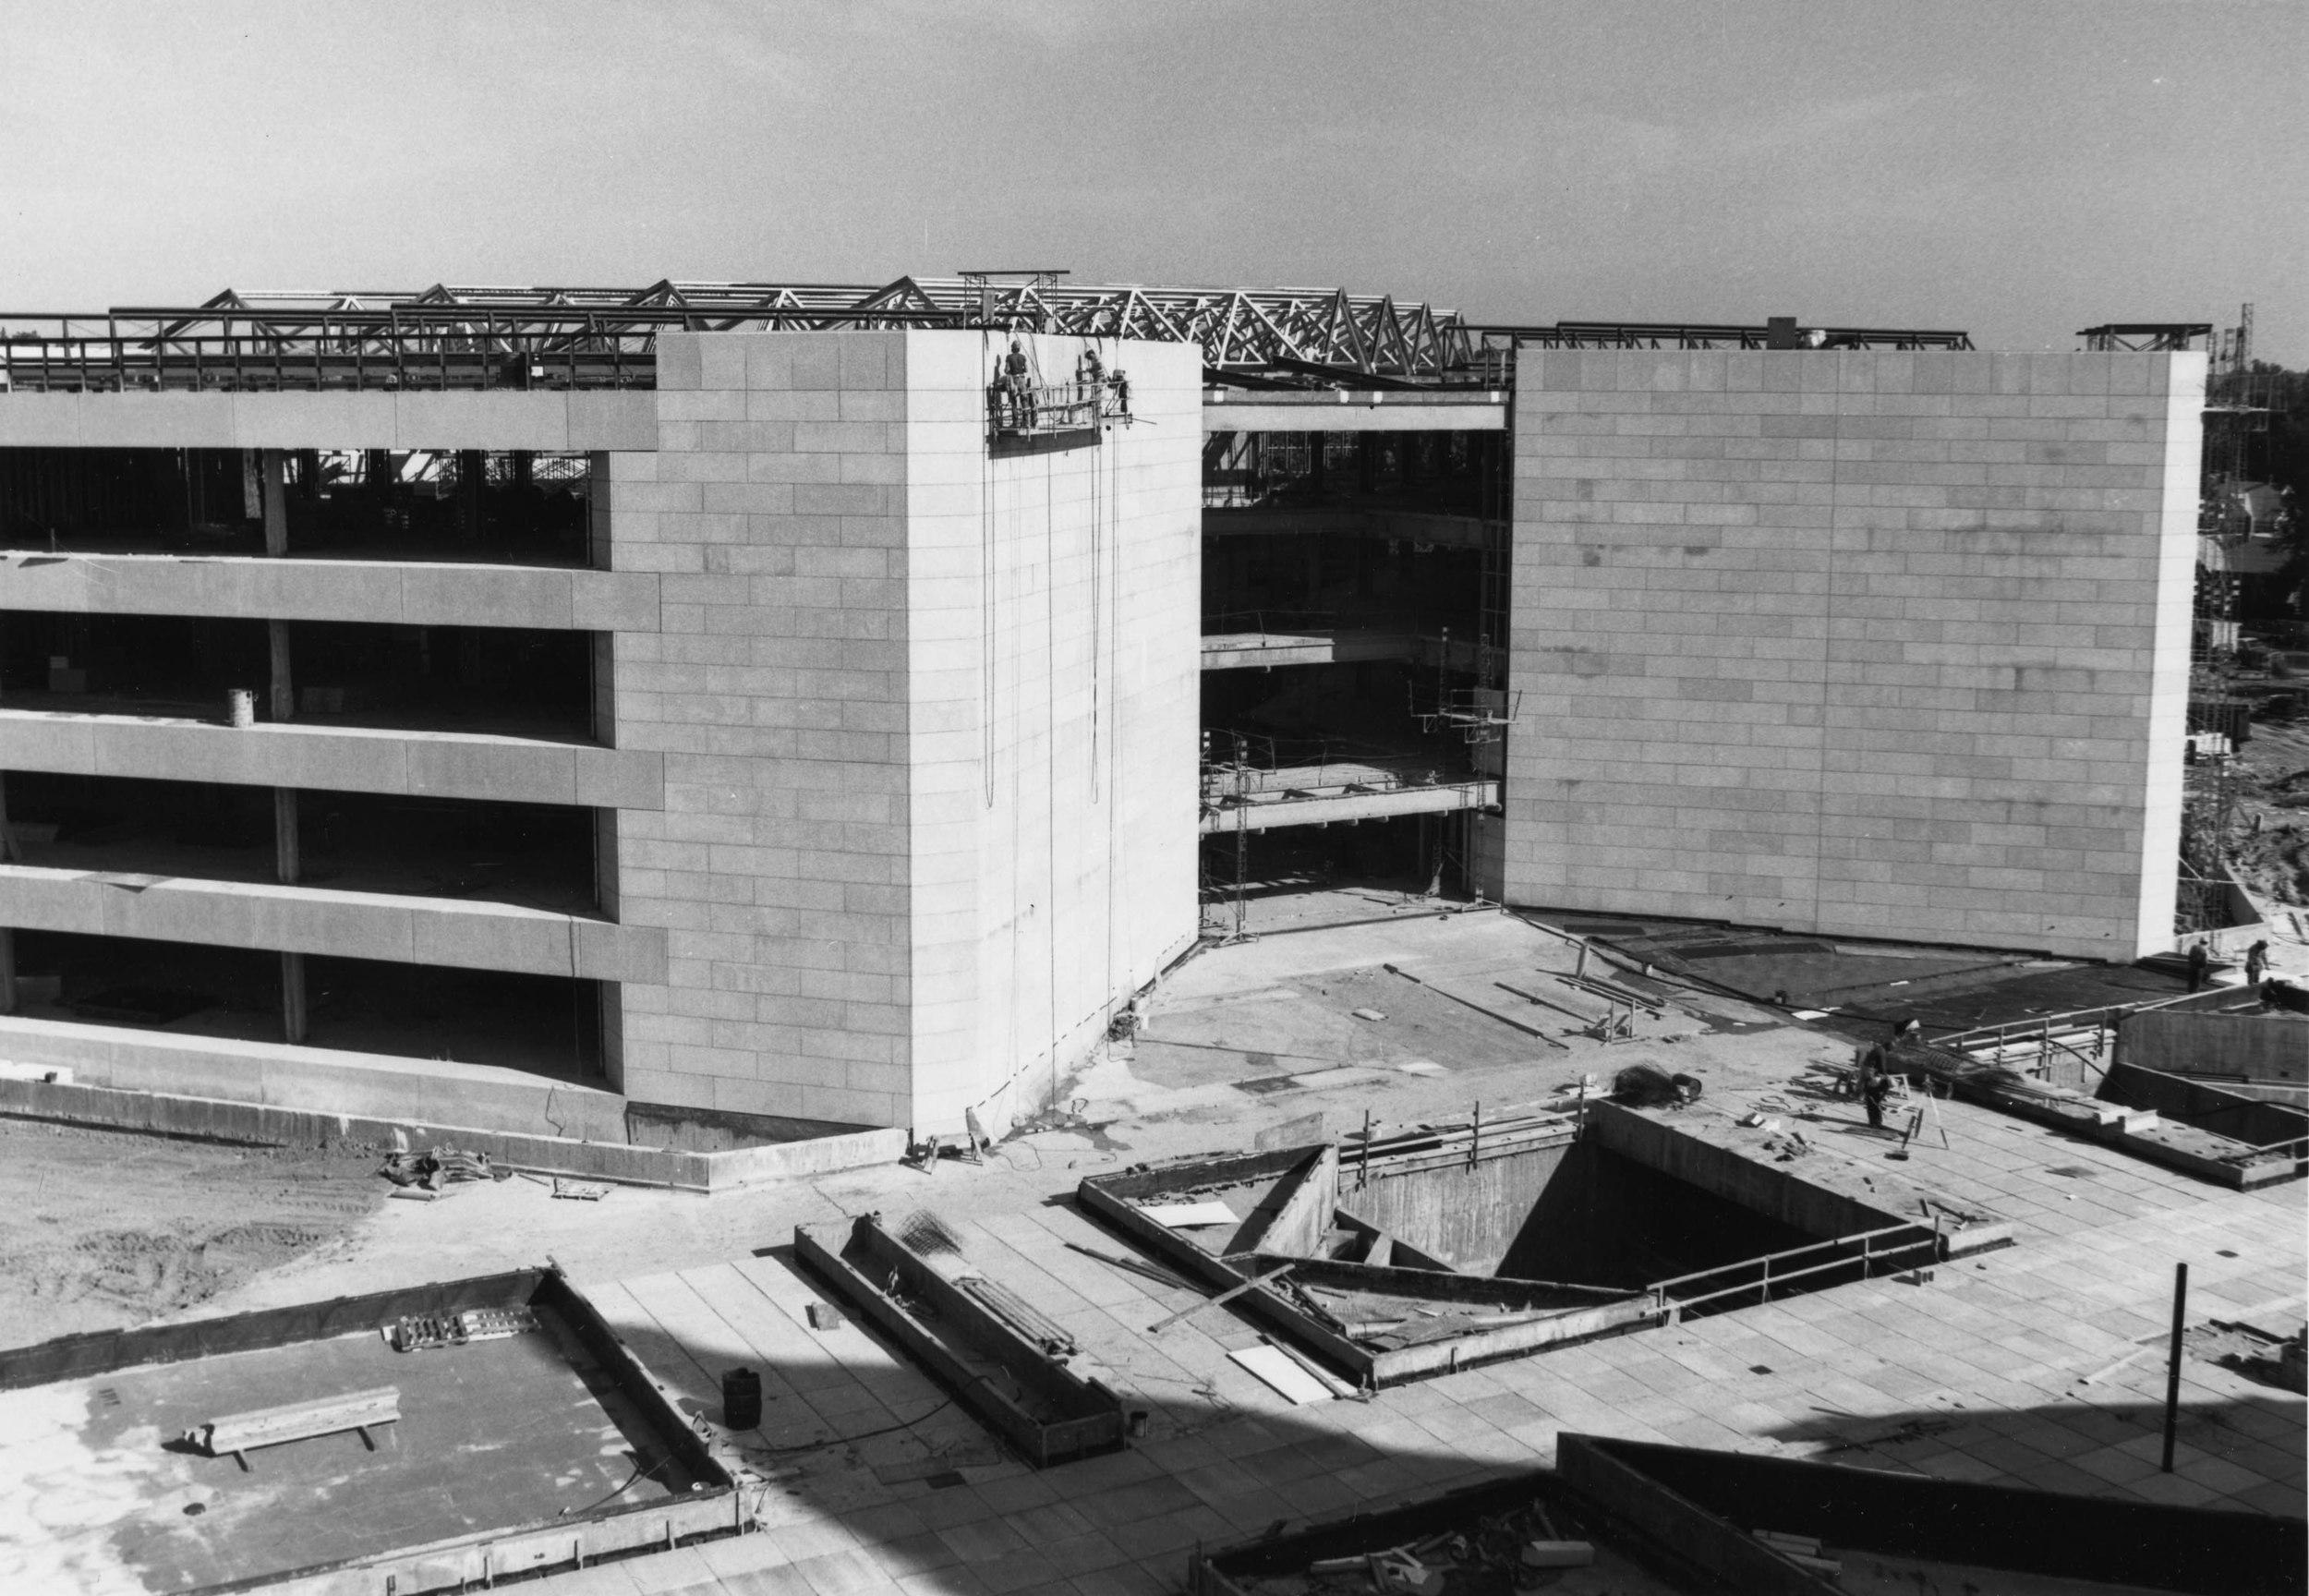 Installing exterior cast concrete elements, 9-24-1982